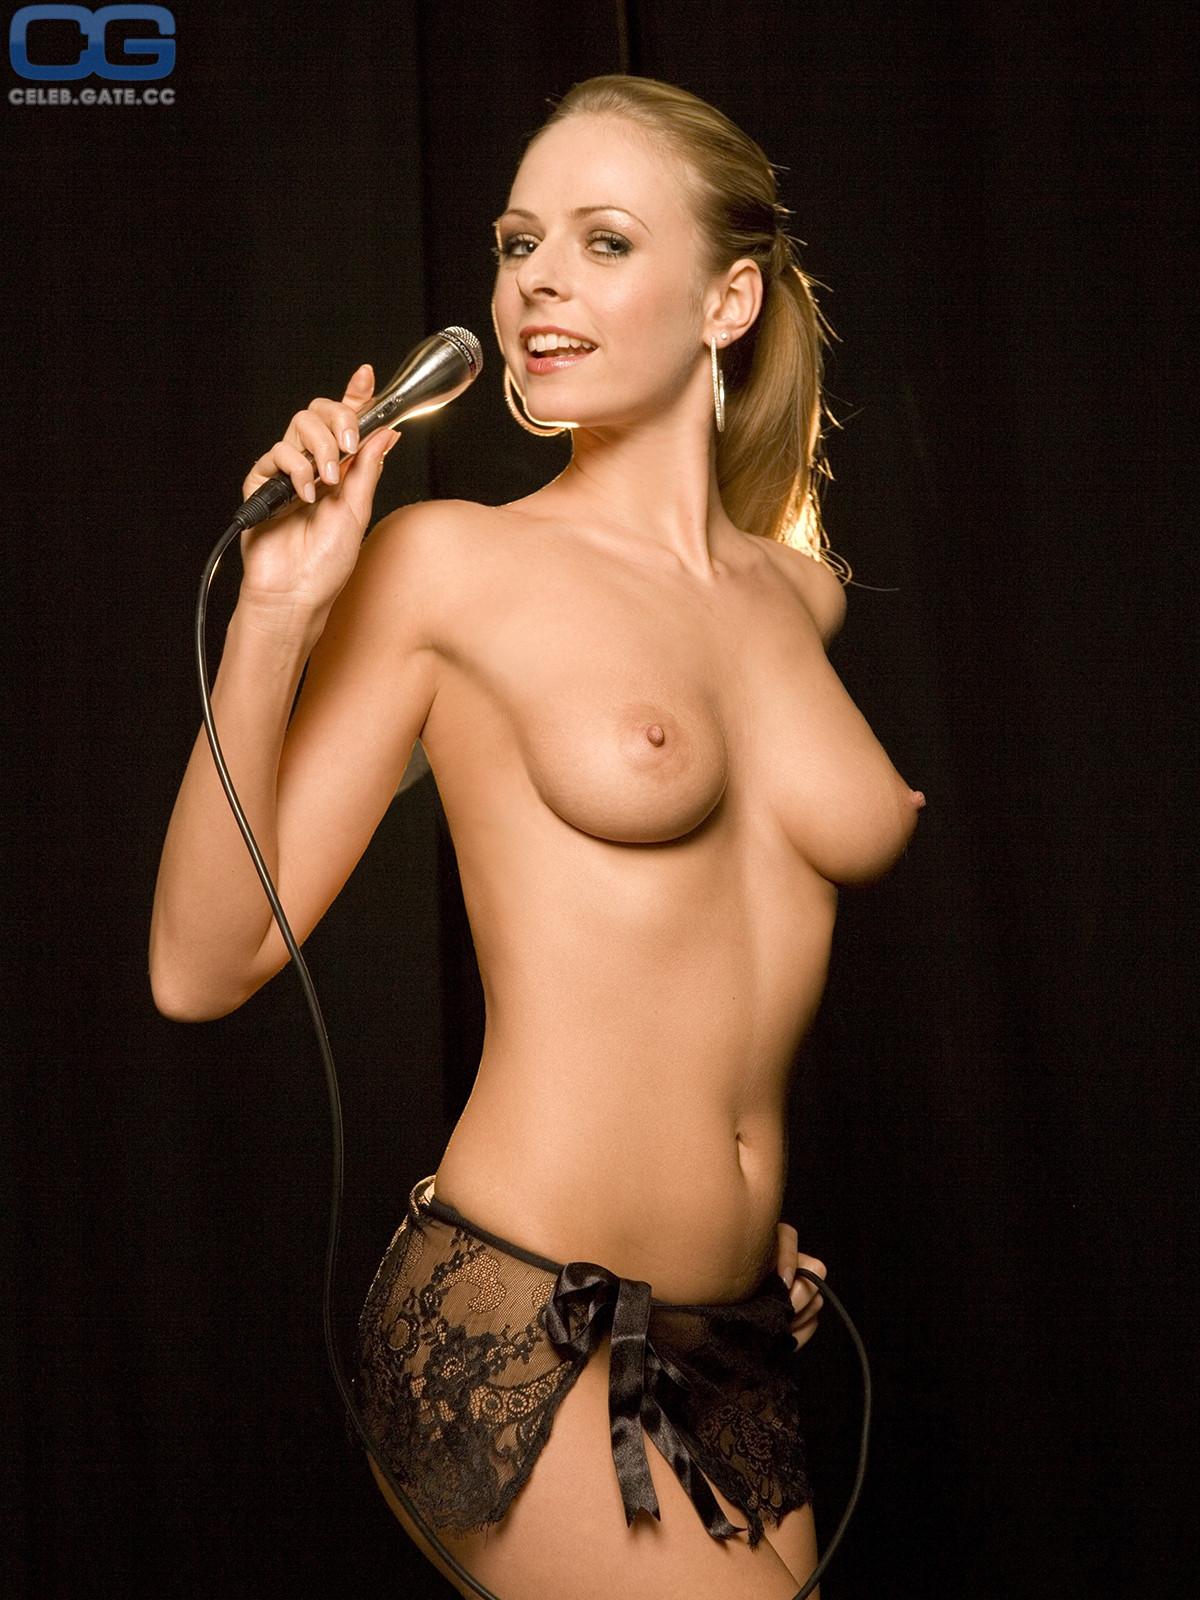 Susan stahnke nackt fotos